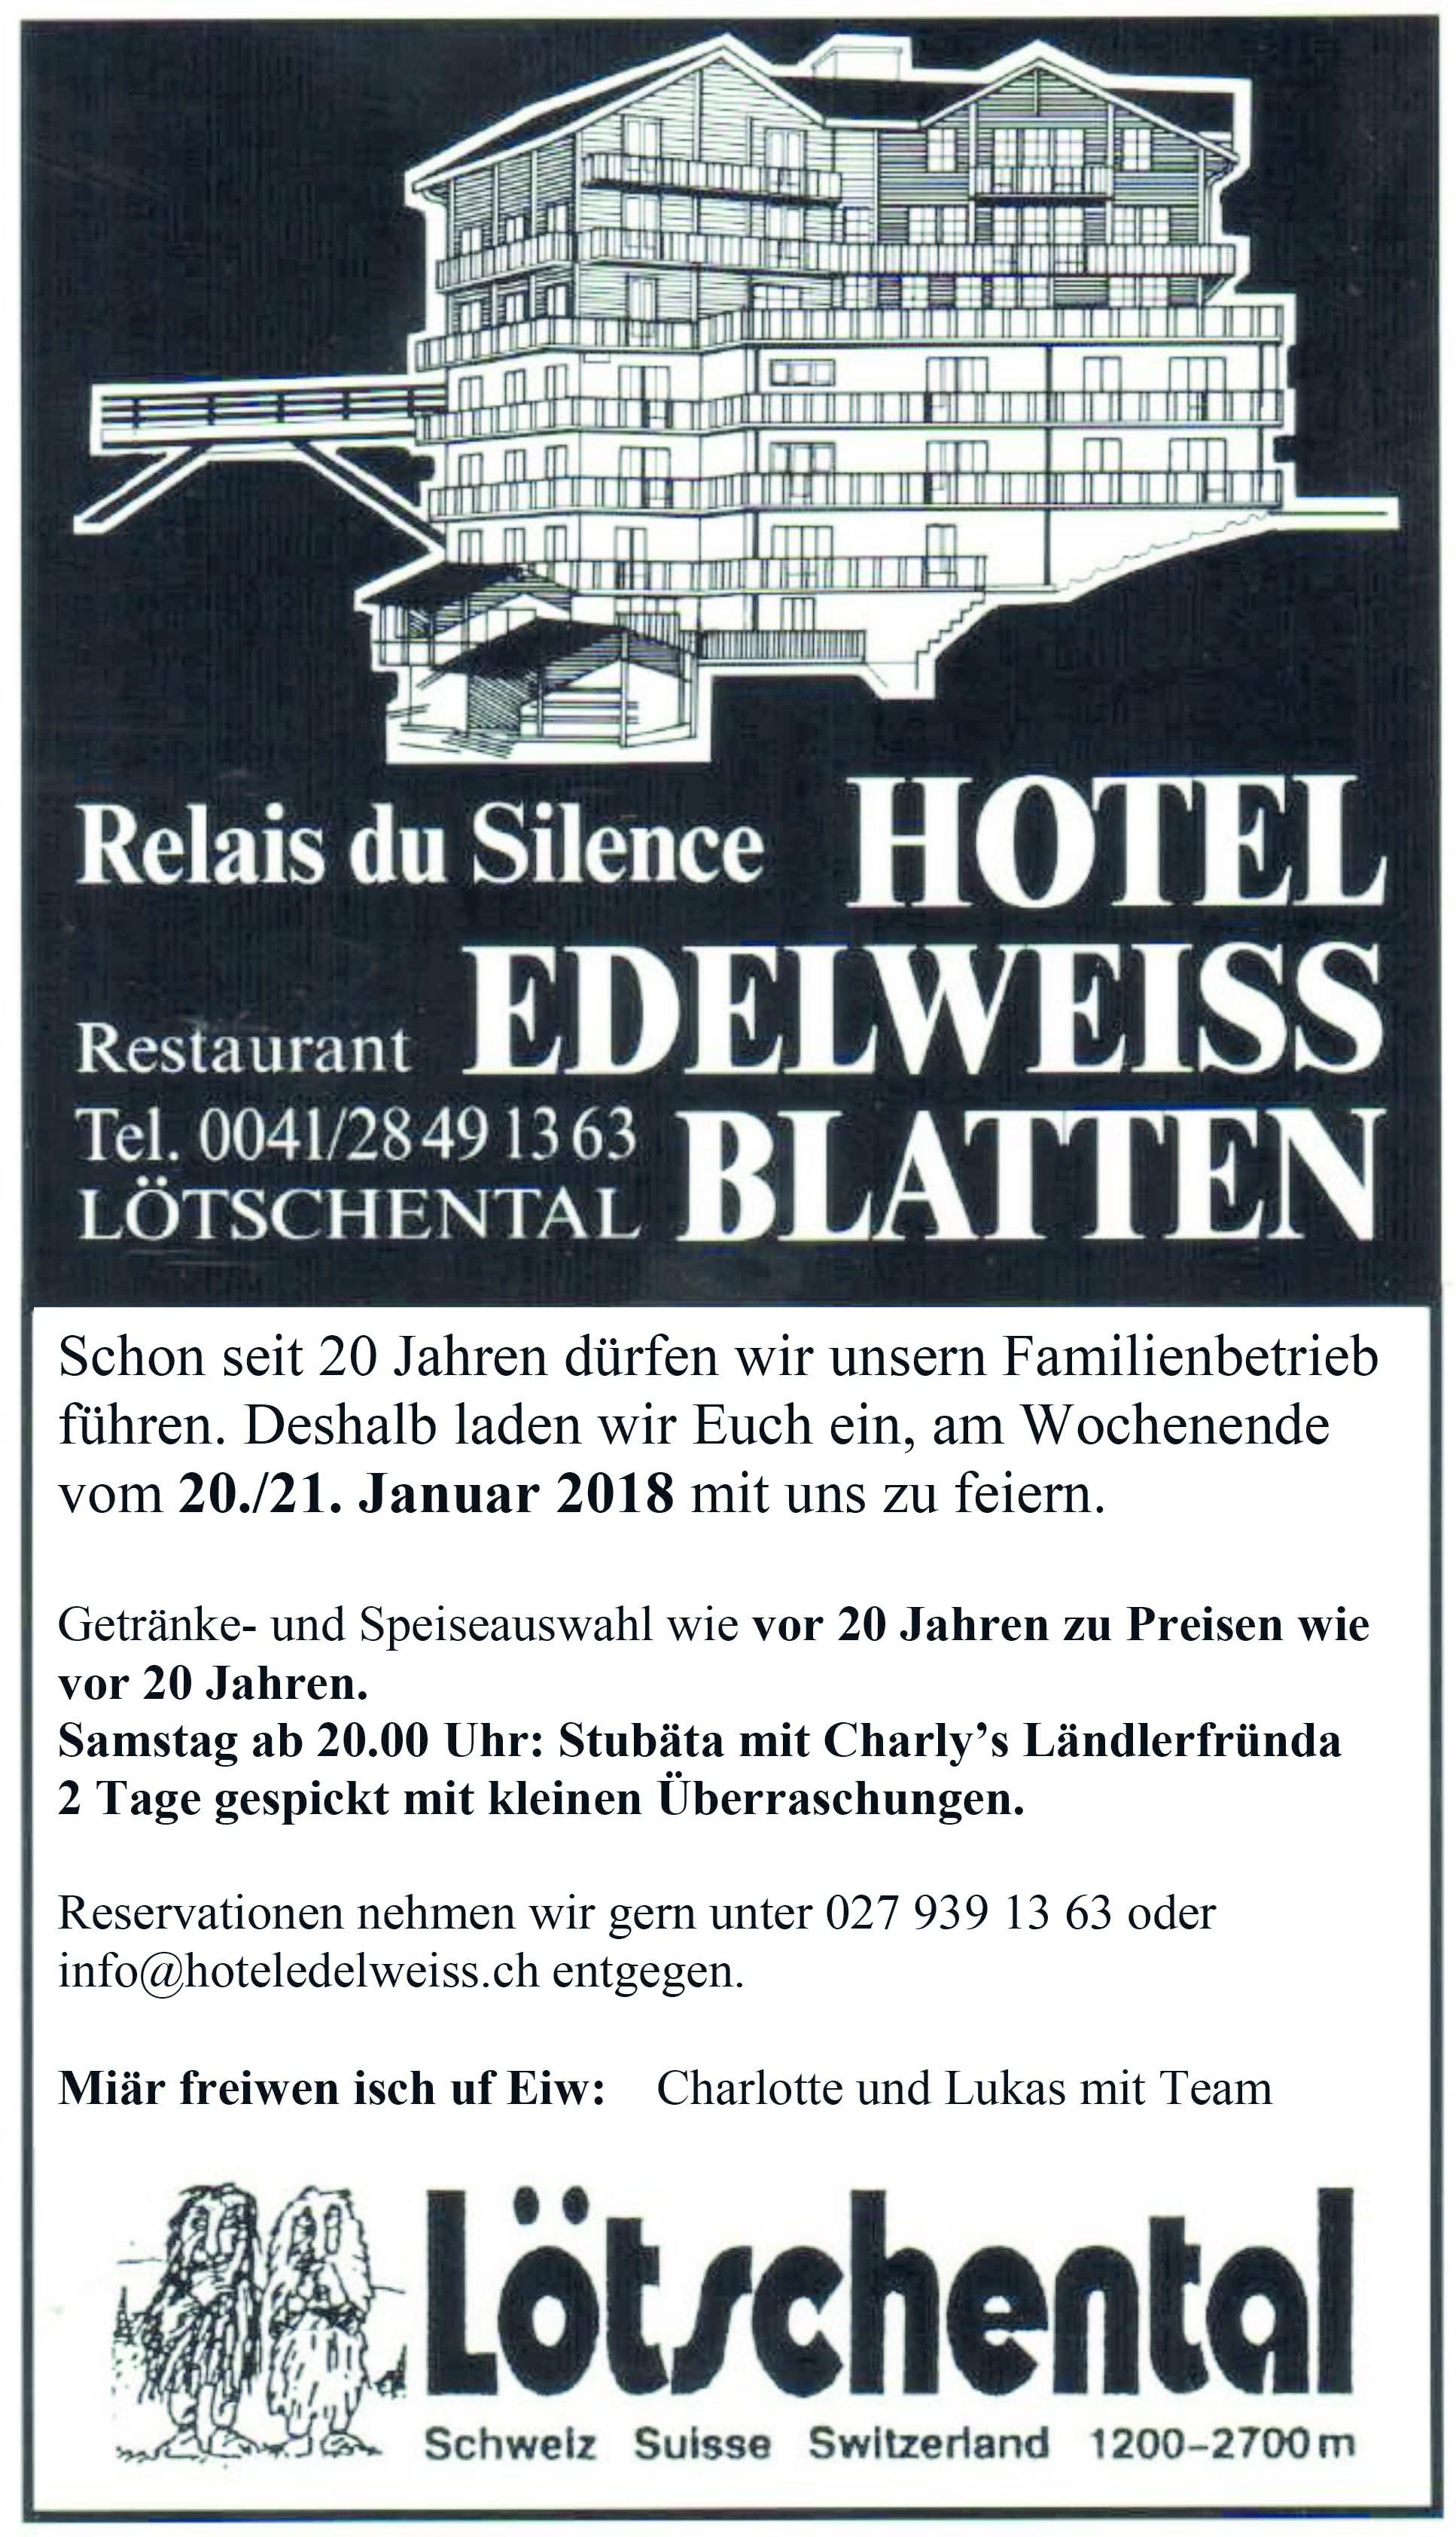 Hotel Edelweiss Jubiläum - Live Musik und Preise wie vor 20 Jahren